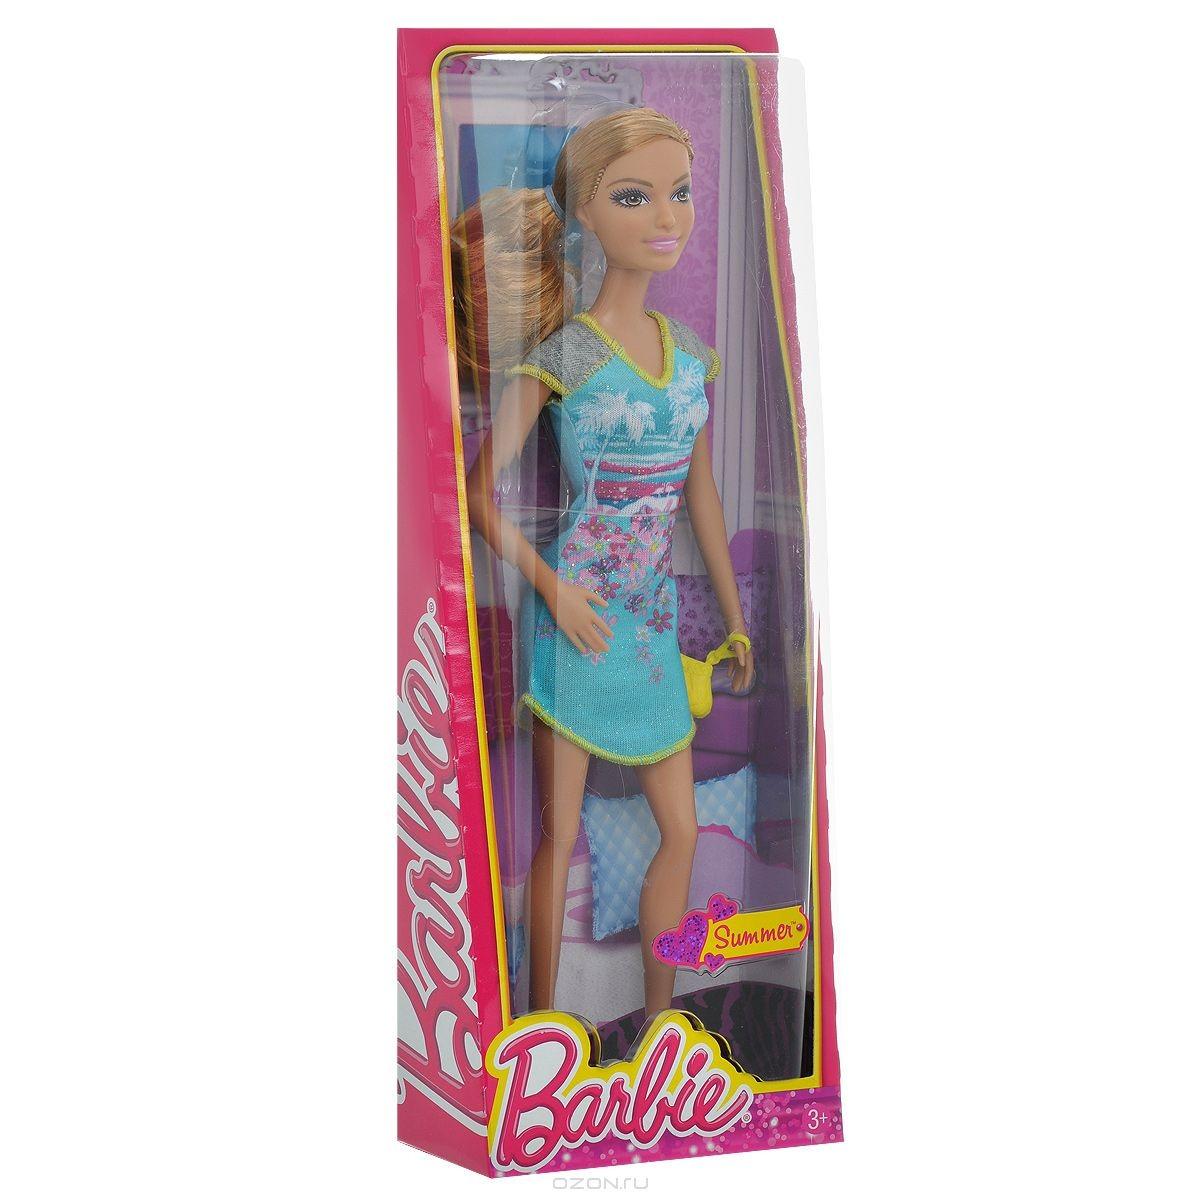 Кукла Барби. Саммер на пижамной вечеринке